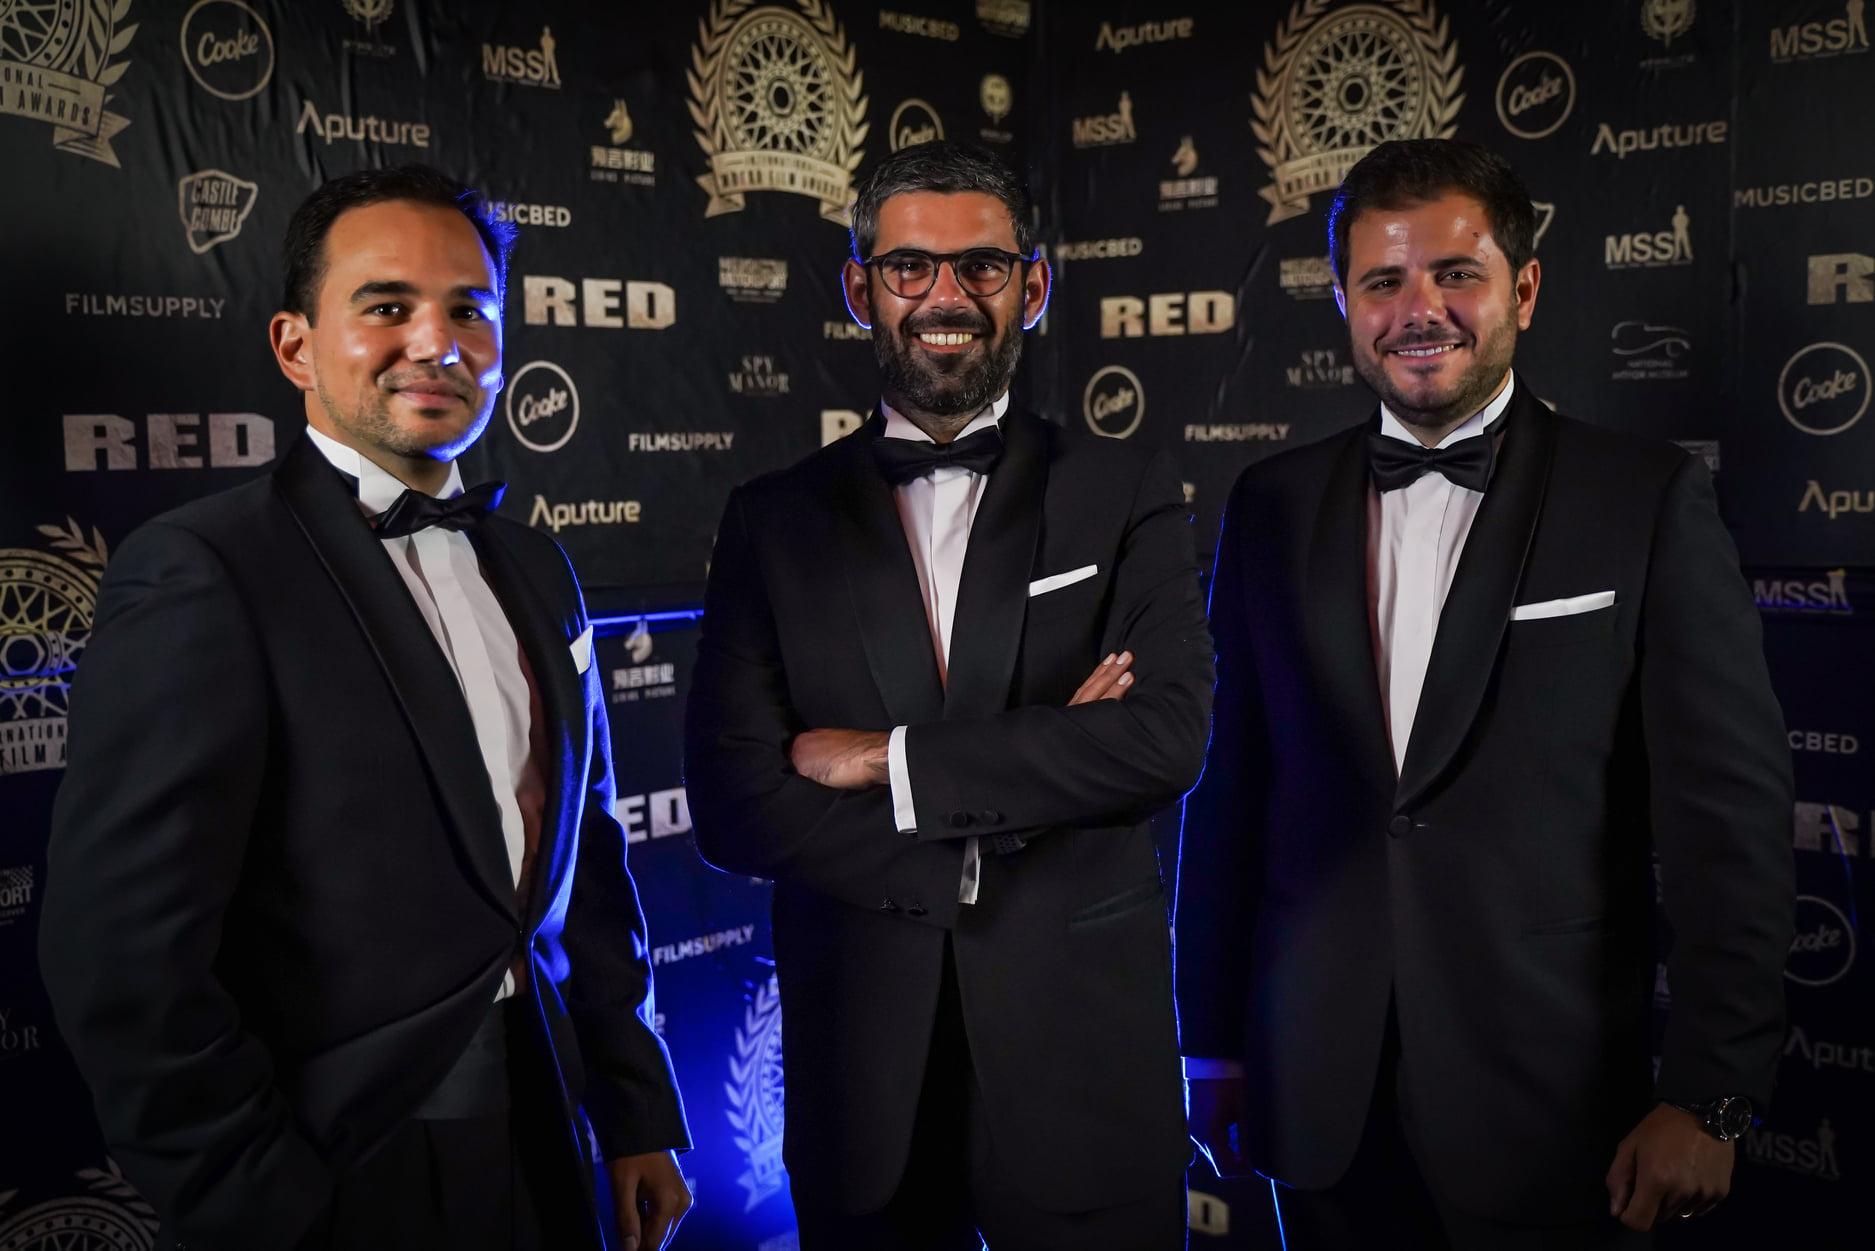 Guilherme Costa, Filipe Abreu e Diogo Teixeira com o troféu no International Motor Film Awards 2021